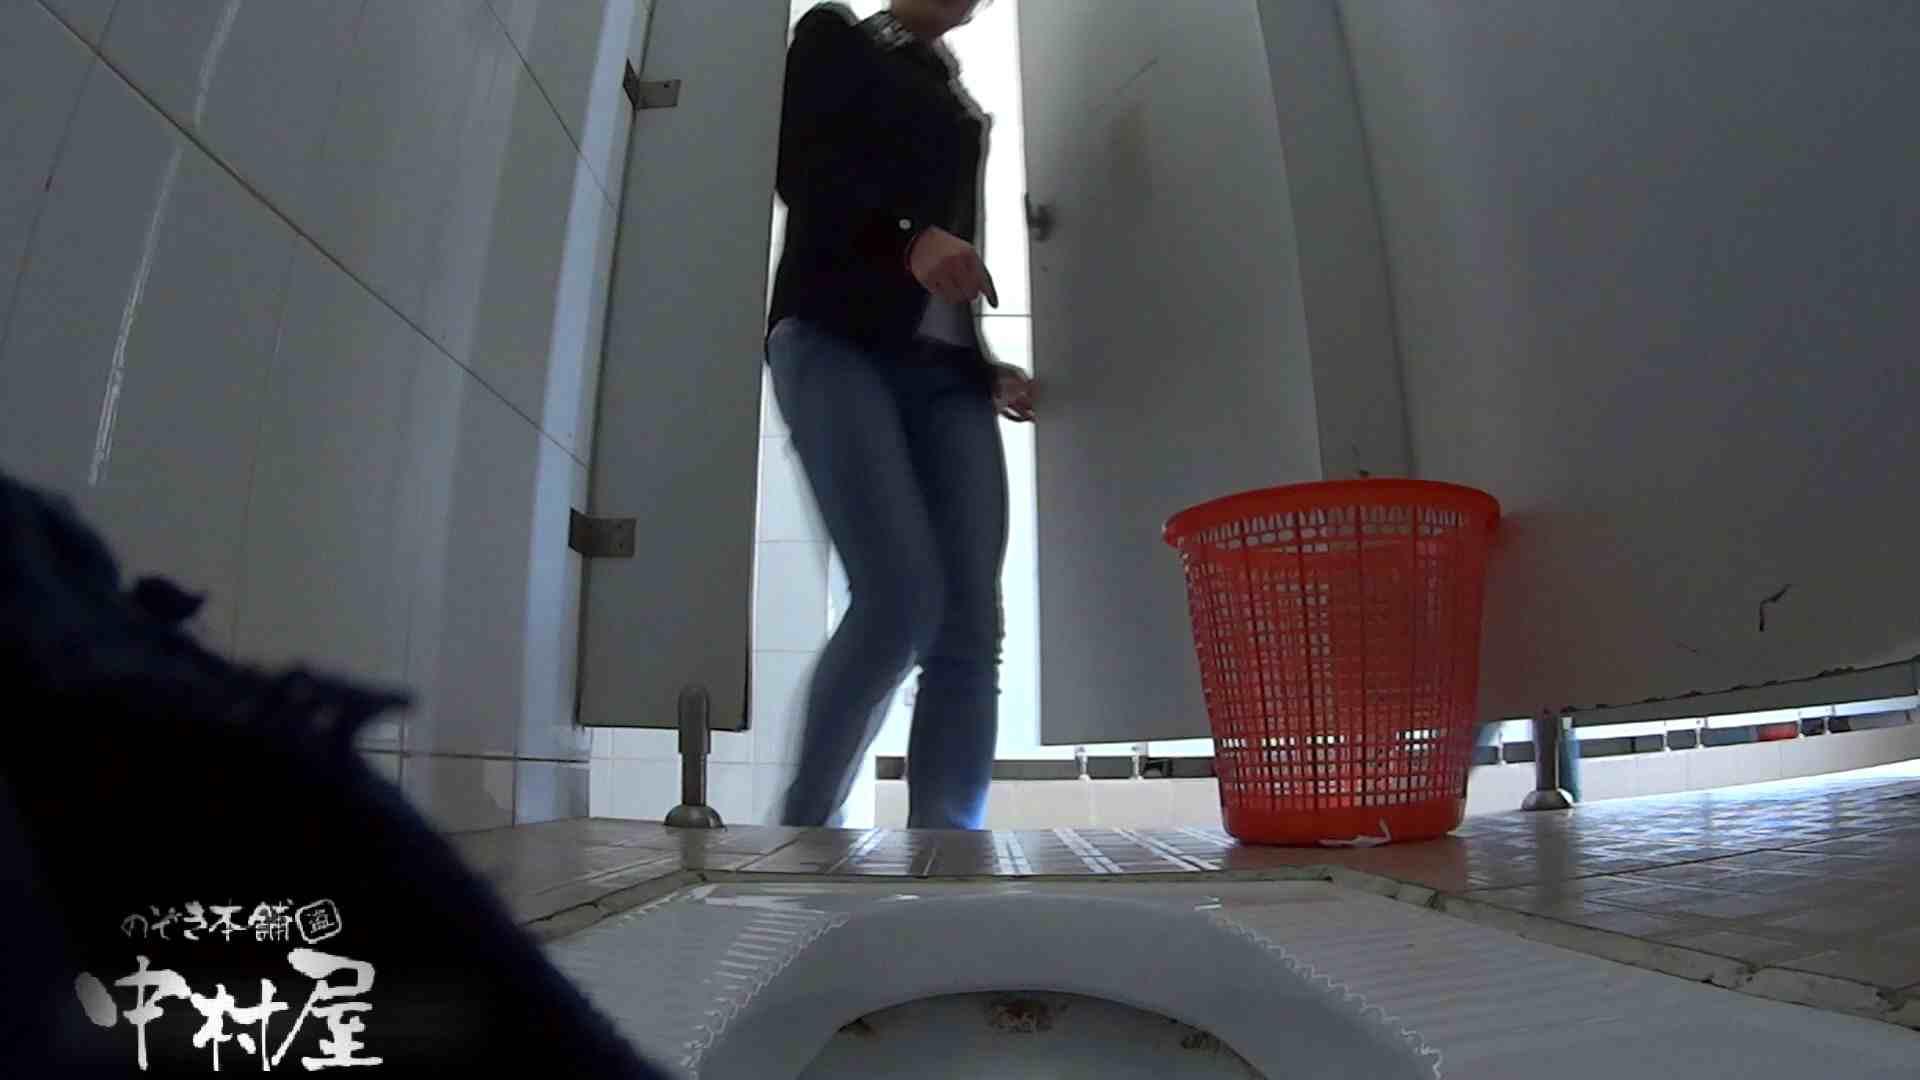 めくれ上がる陰部からの大聖水!大学休憩時間の洗面所事情27 盗撮 | 美女  87pic 6